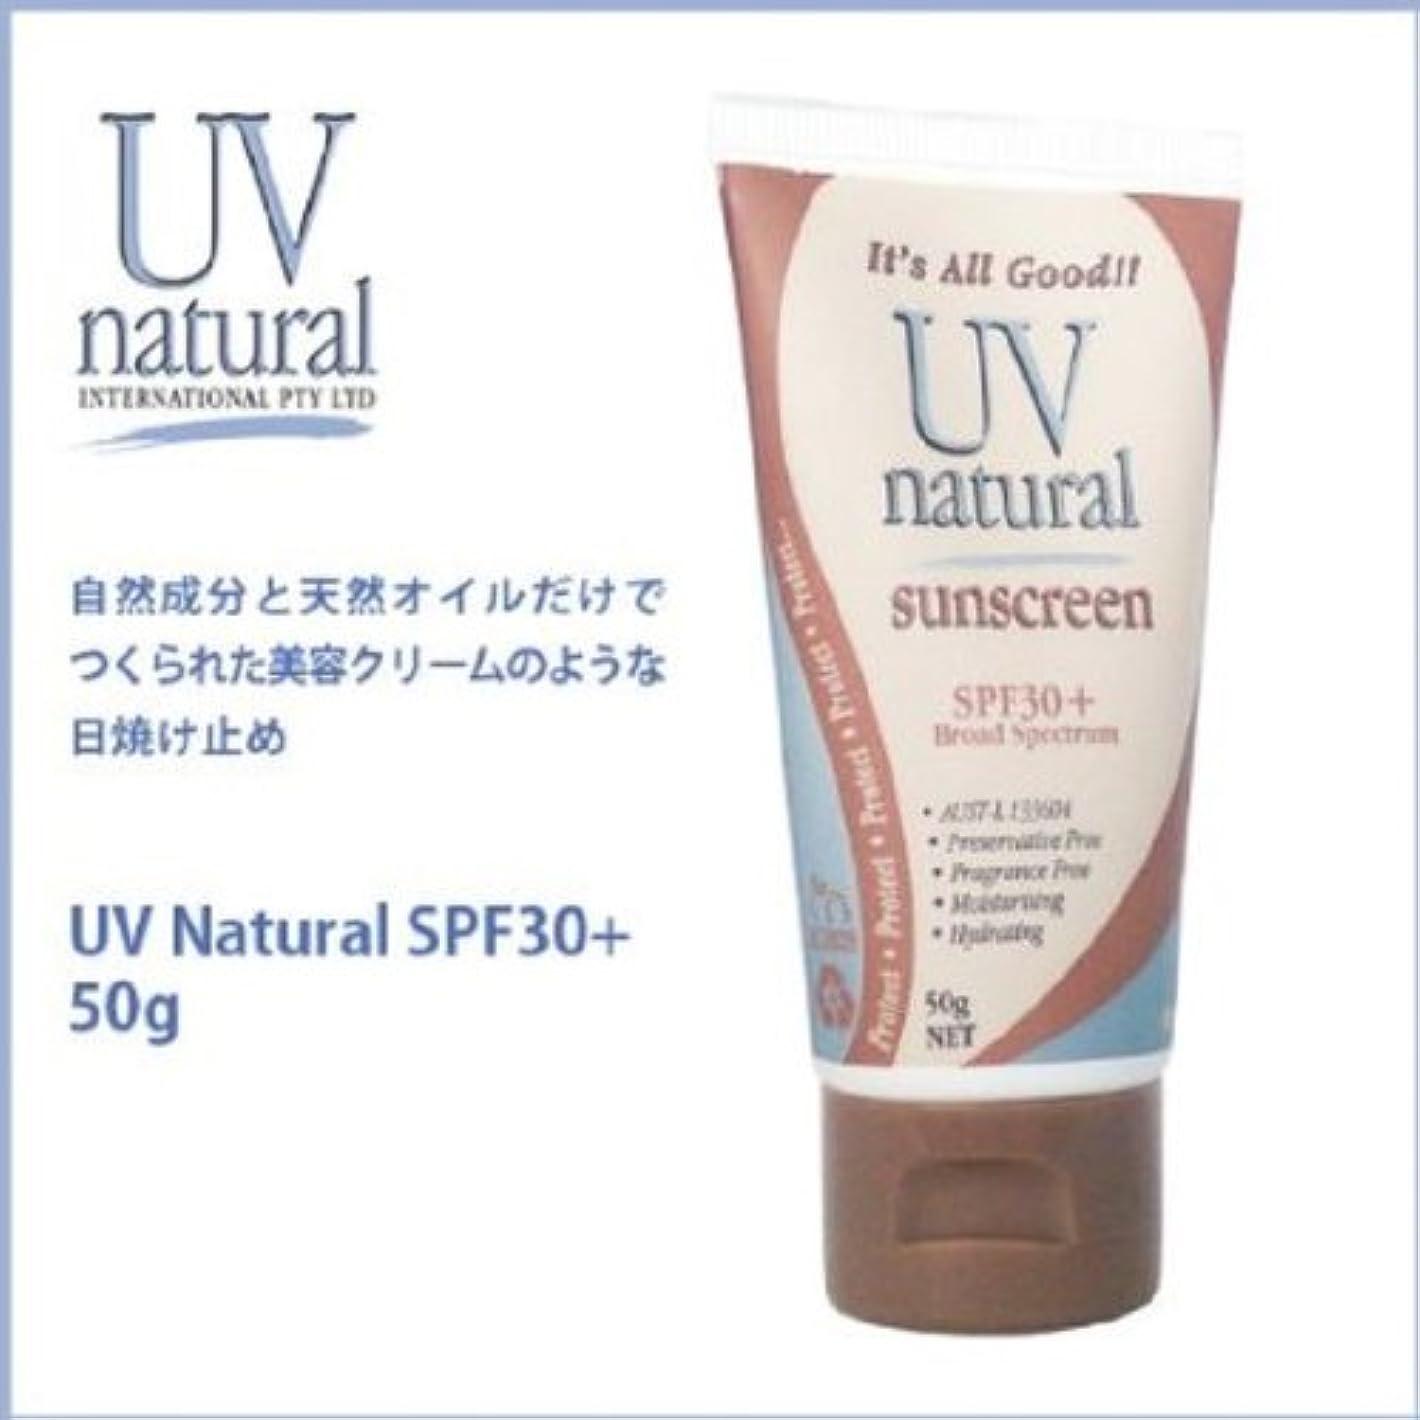 密輸最大限不良【UV NATURAL】日焼け止め Natural SPF30+ 50g 3本セット